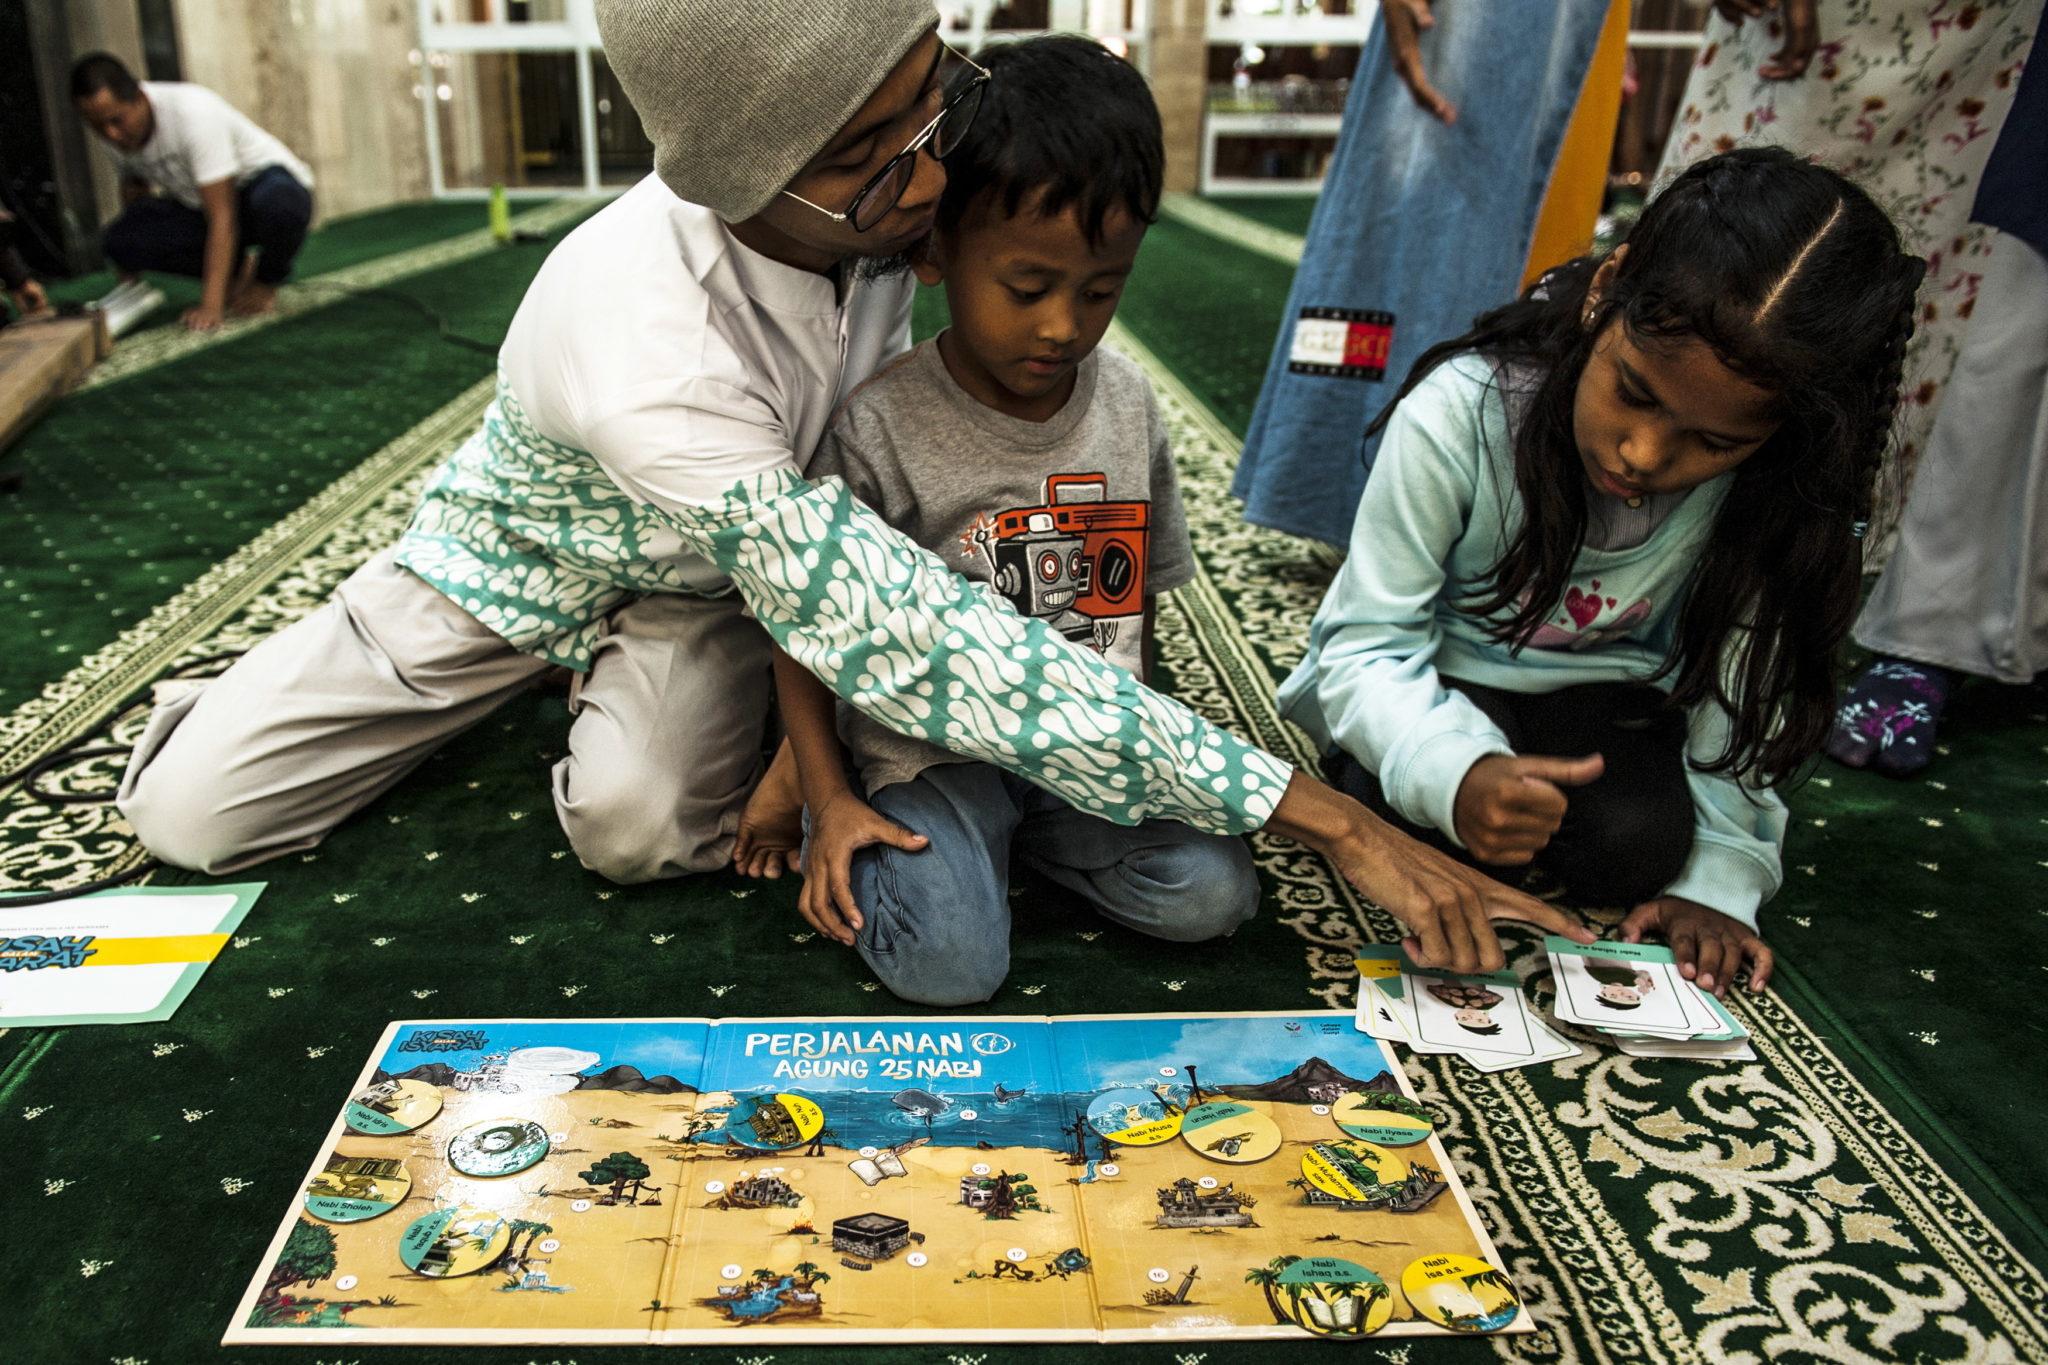 Indonezja: głuchonieme dzieci poznają Koran za pomocą specjalnie przygotowanej dla nich gry. fot. EPA/IQBAL KUSUMADIREZZA